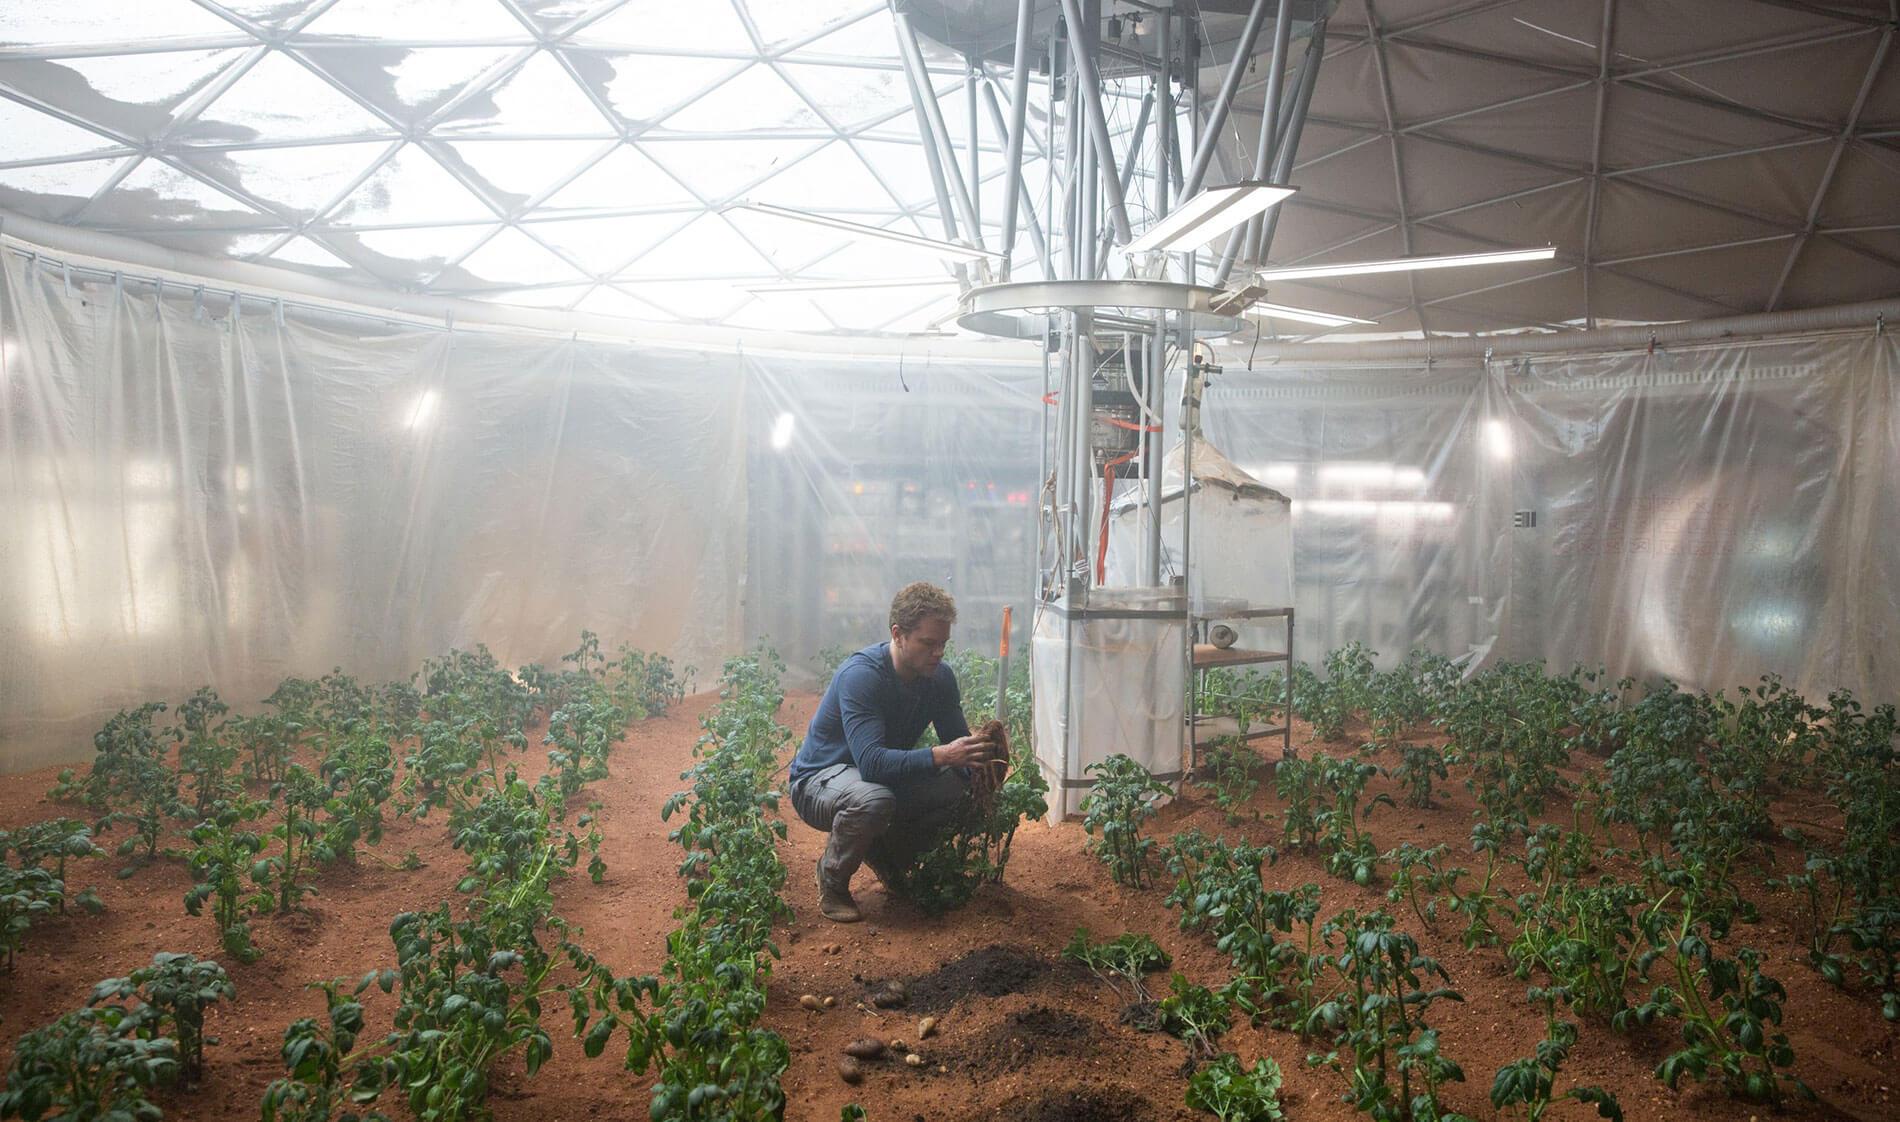 проблемы в космосе — еда и вода